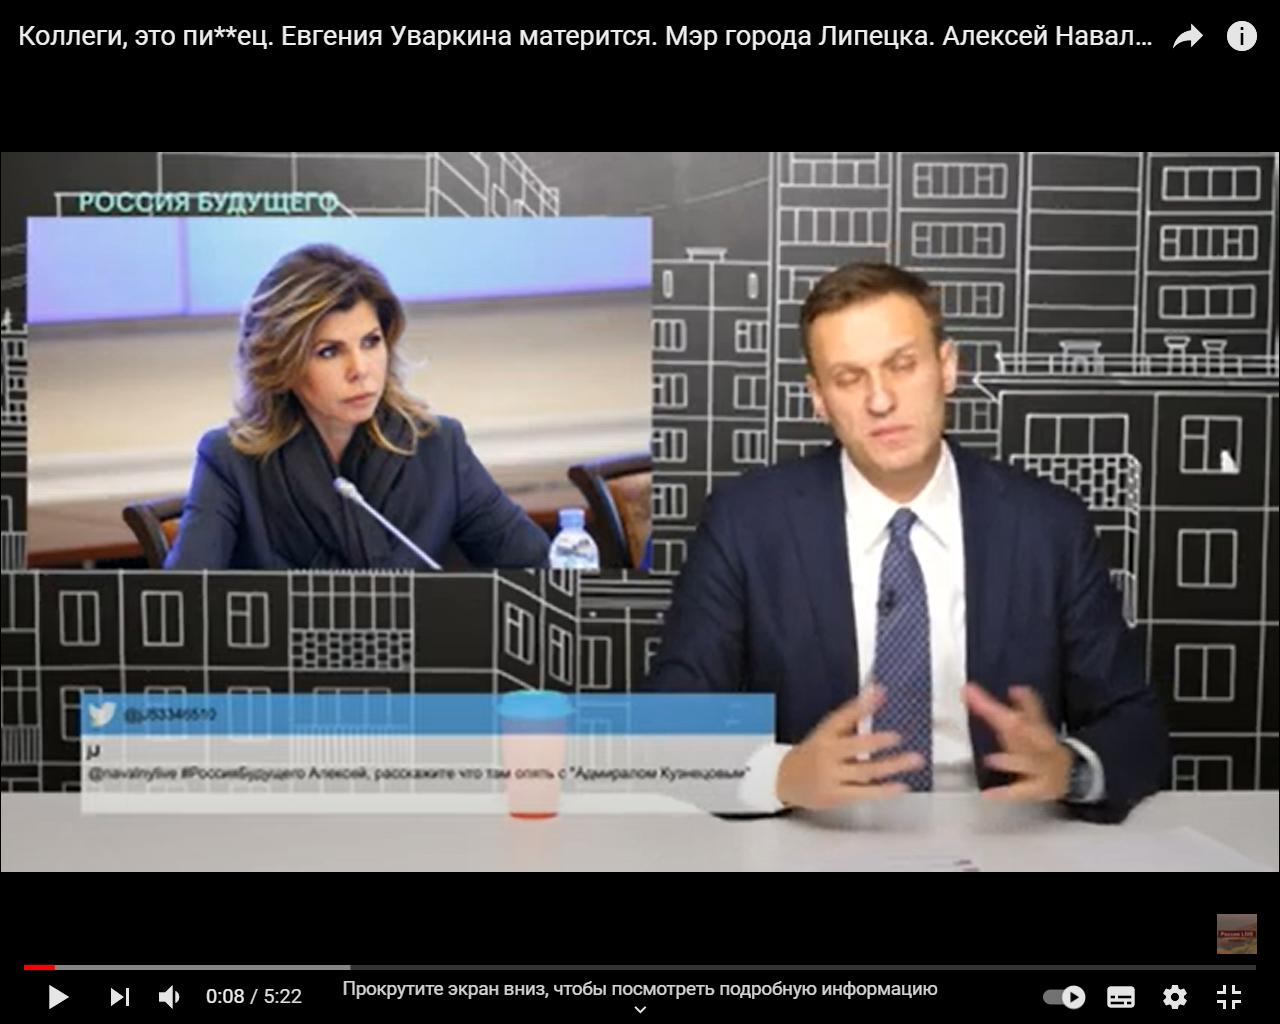 А. Навальный комментирует известный эпизод с участием мэра города